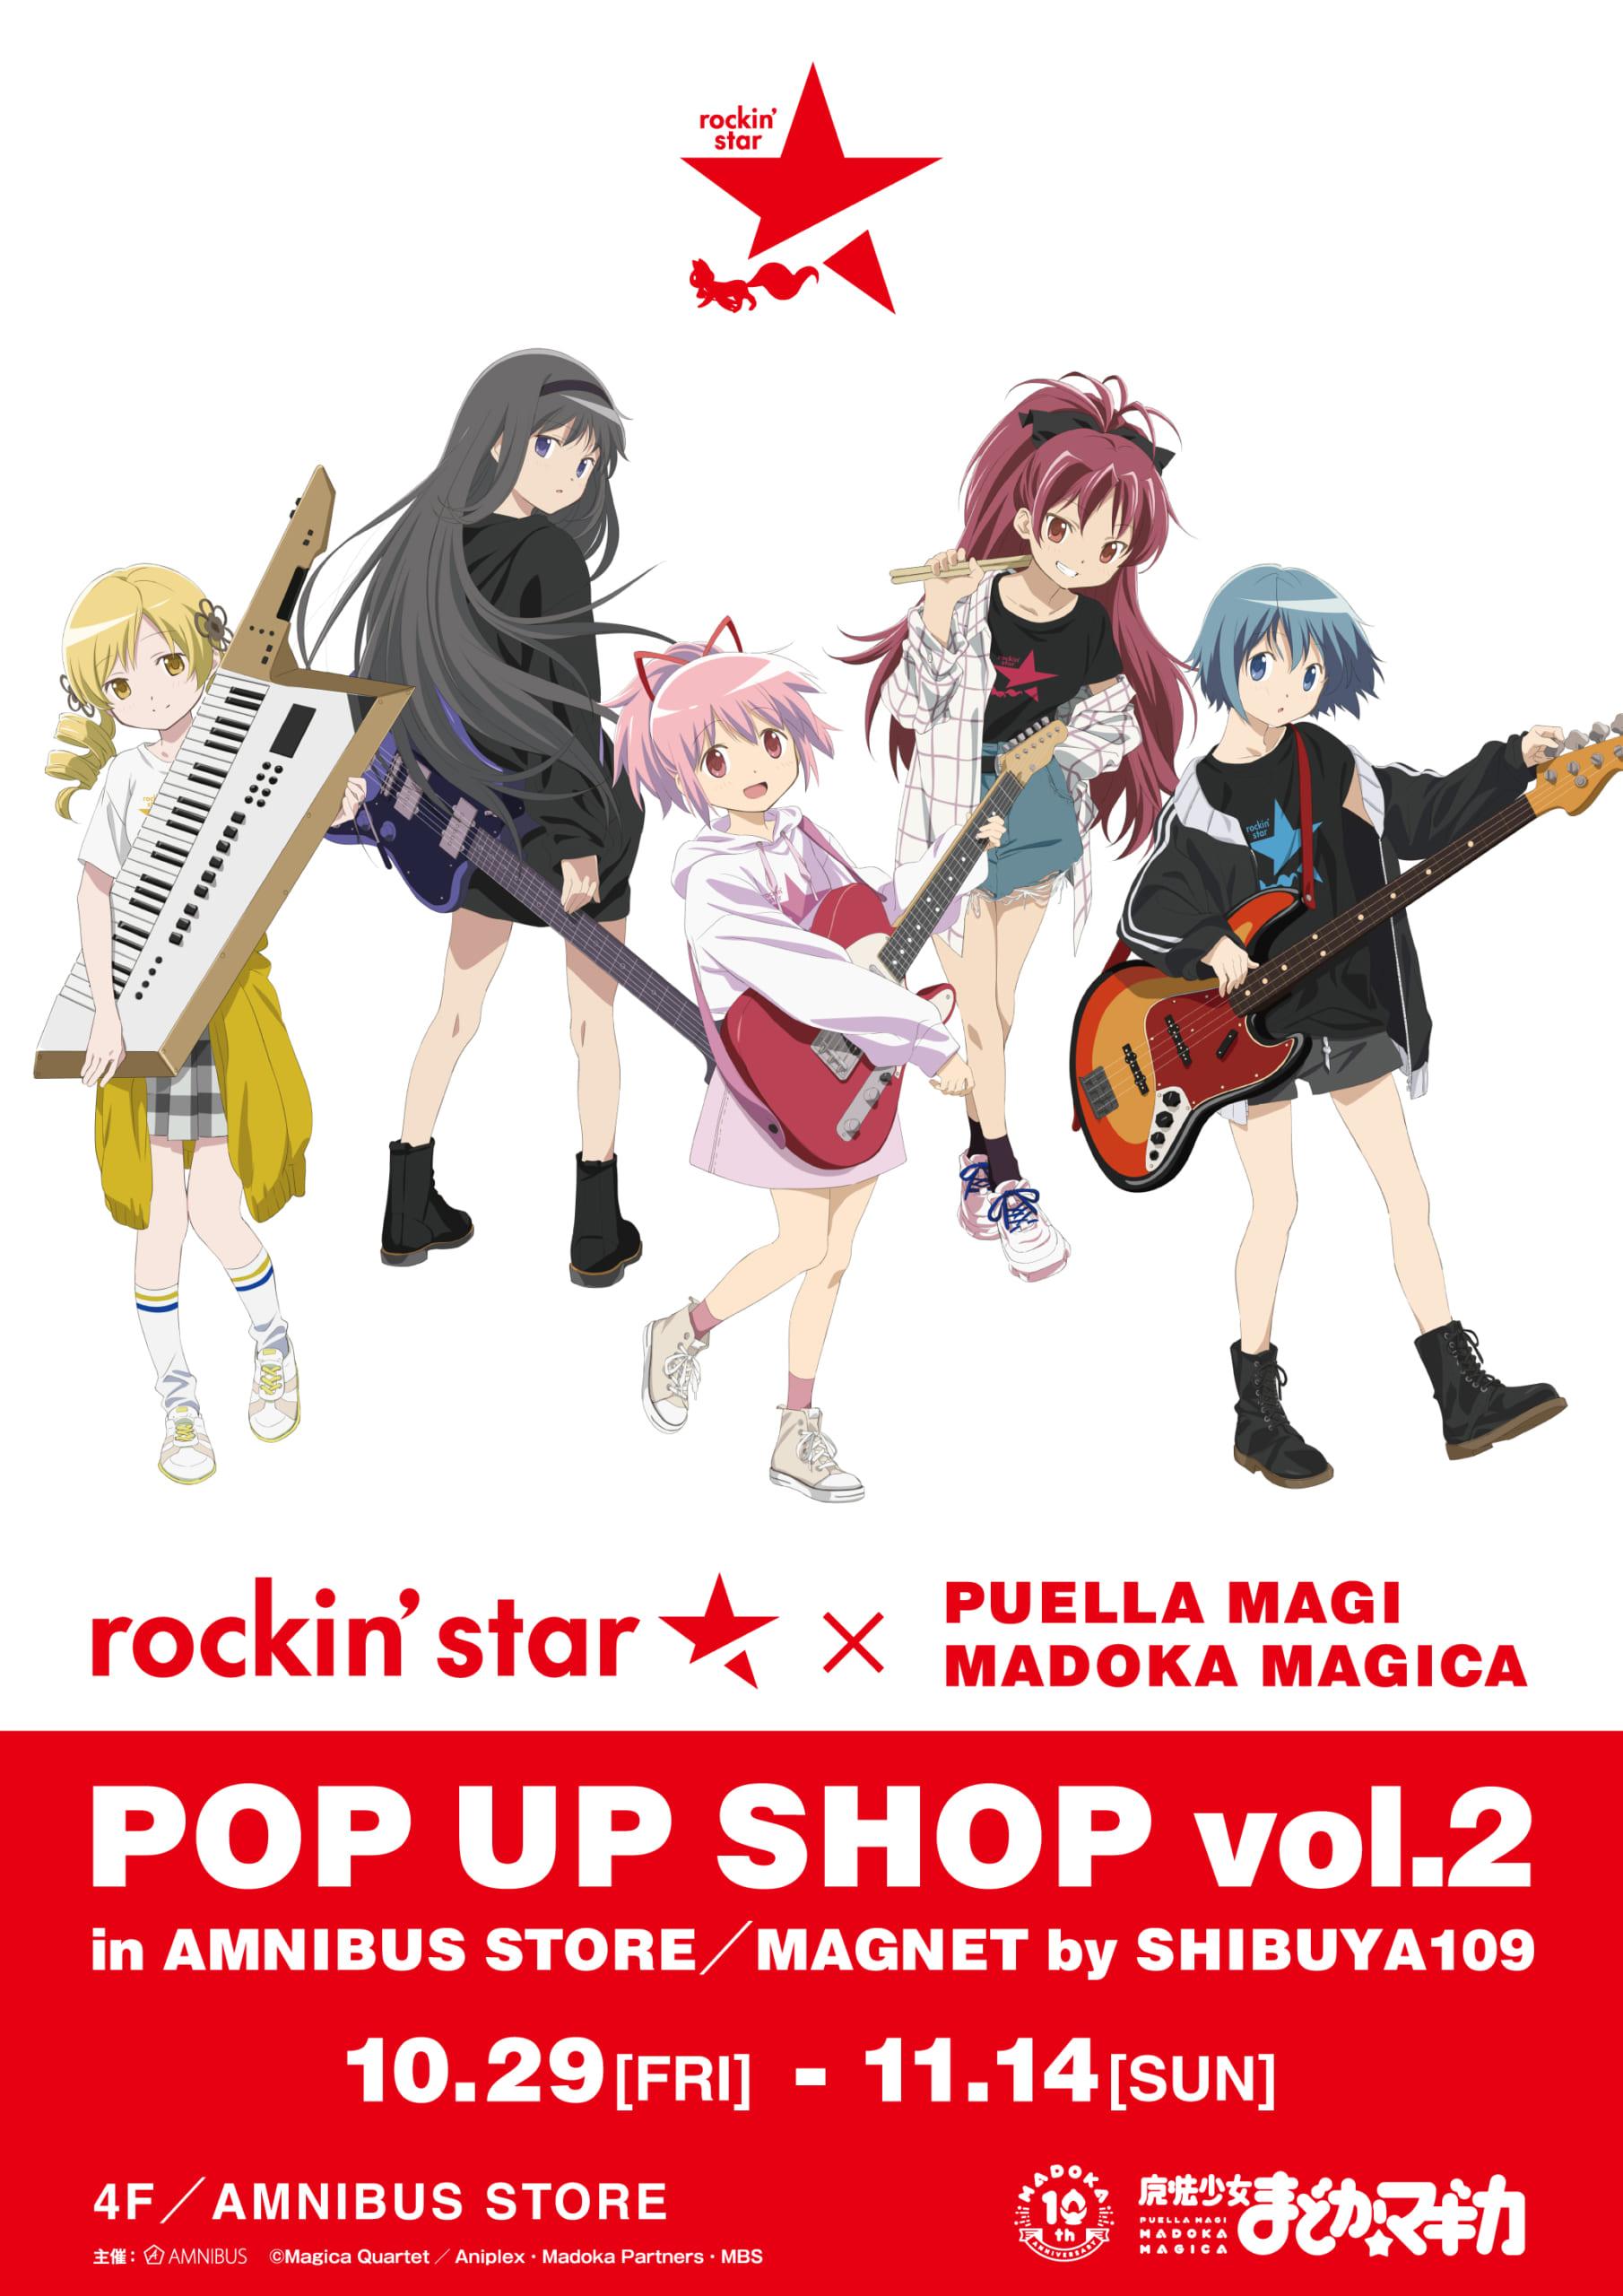 「まどマギ × rockin'star」期間限定ショップ開催!ストリート系まどかたちがかわいい